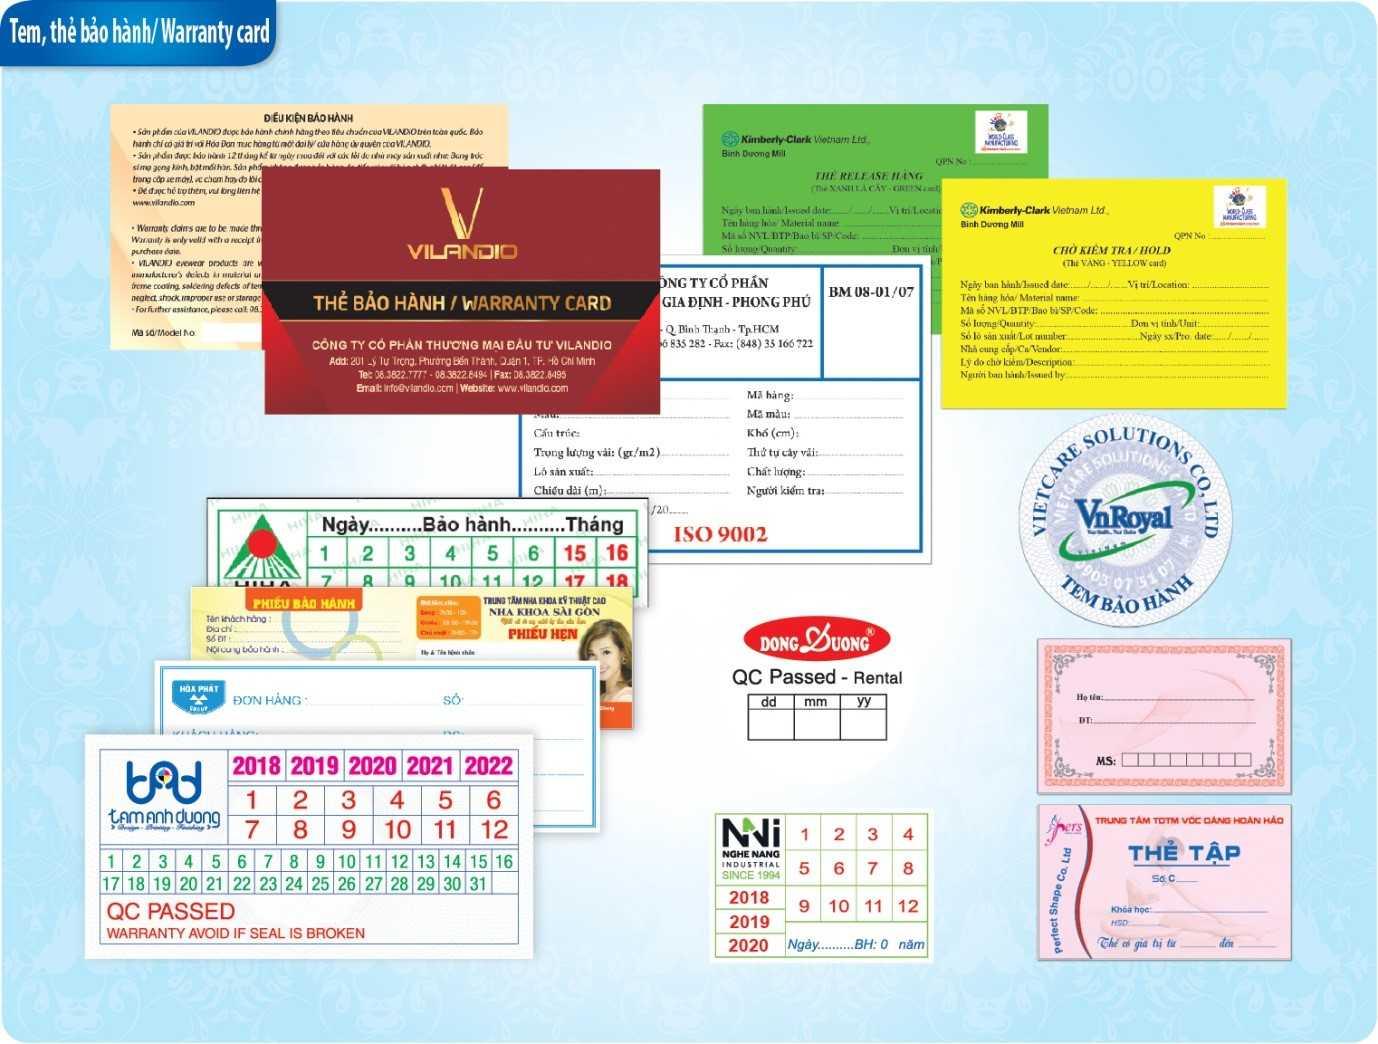 Các loại in thẻ bảo hành, phiếu bảo hành